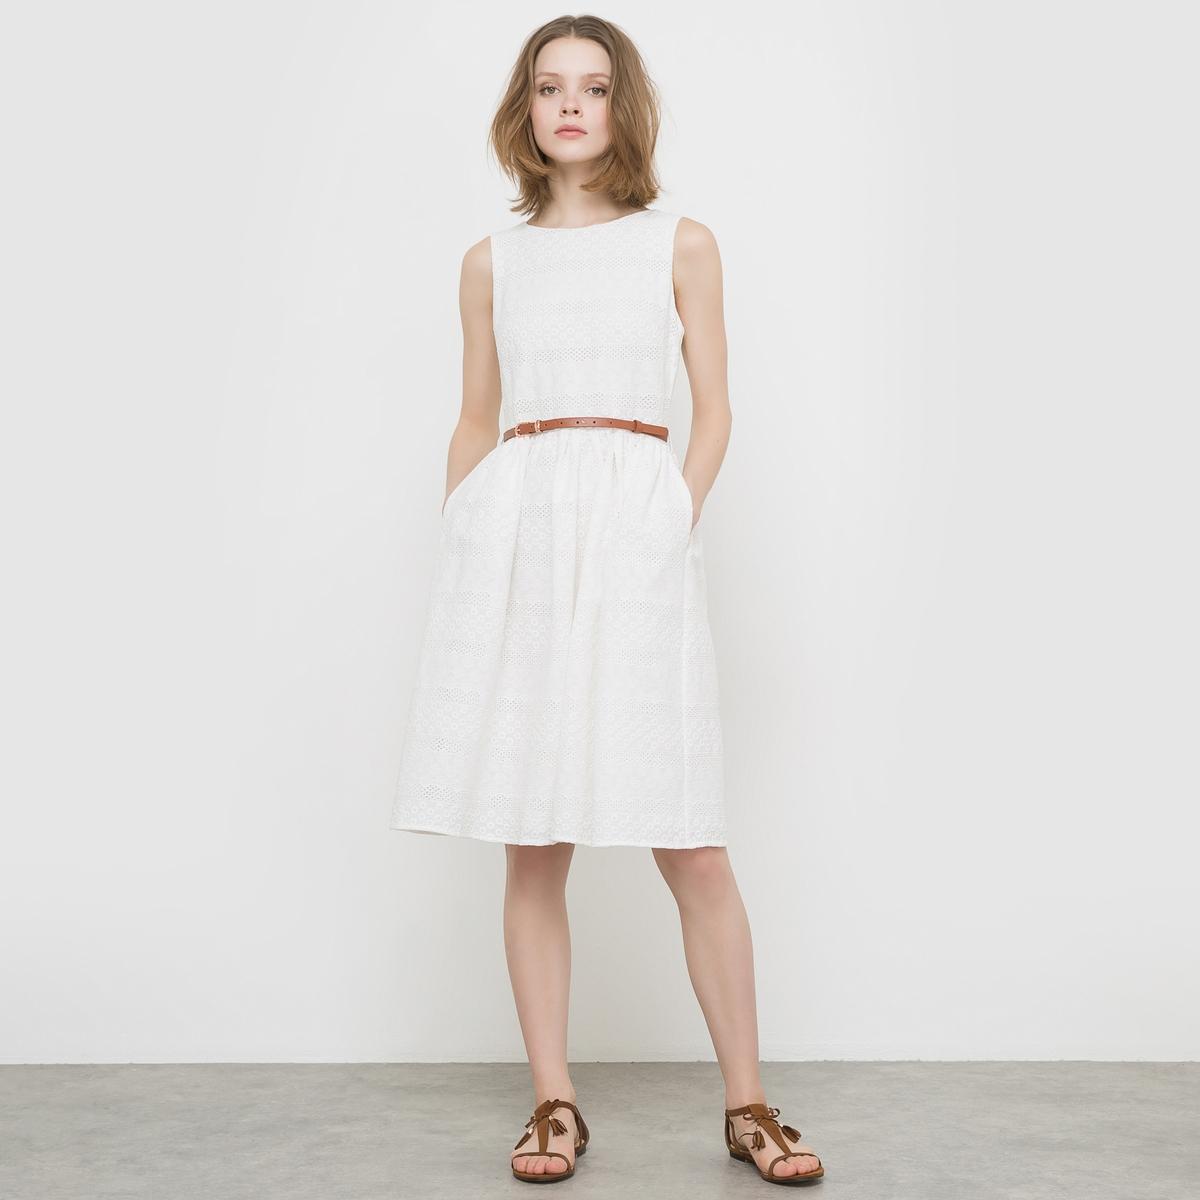 Платье без рукавов, на тонких бретелях, 100% хлопкаПлатье YUMI. Круглый вырез. Вышитый орнамент. Тонкий коричневый пояс. Классическая длина до колен. Состав и деталиМатериал - 100% хлопка.Марка YUMI.<br><br>Цвет: белый<br>Размер: 36 (FR) - 42 (RUS)